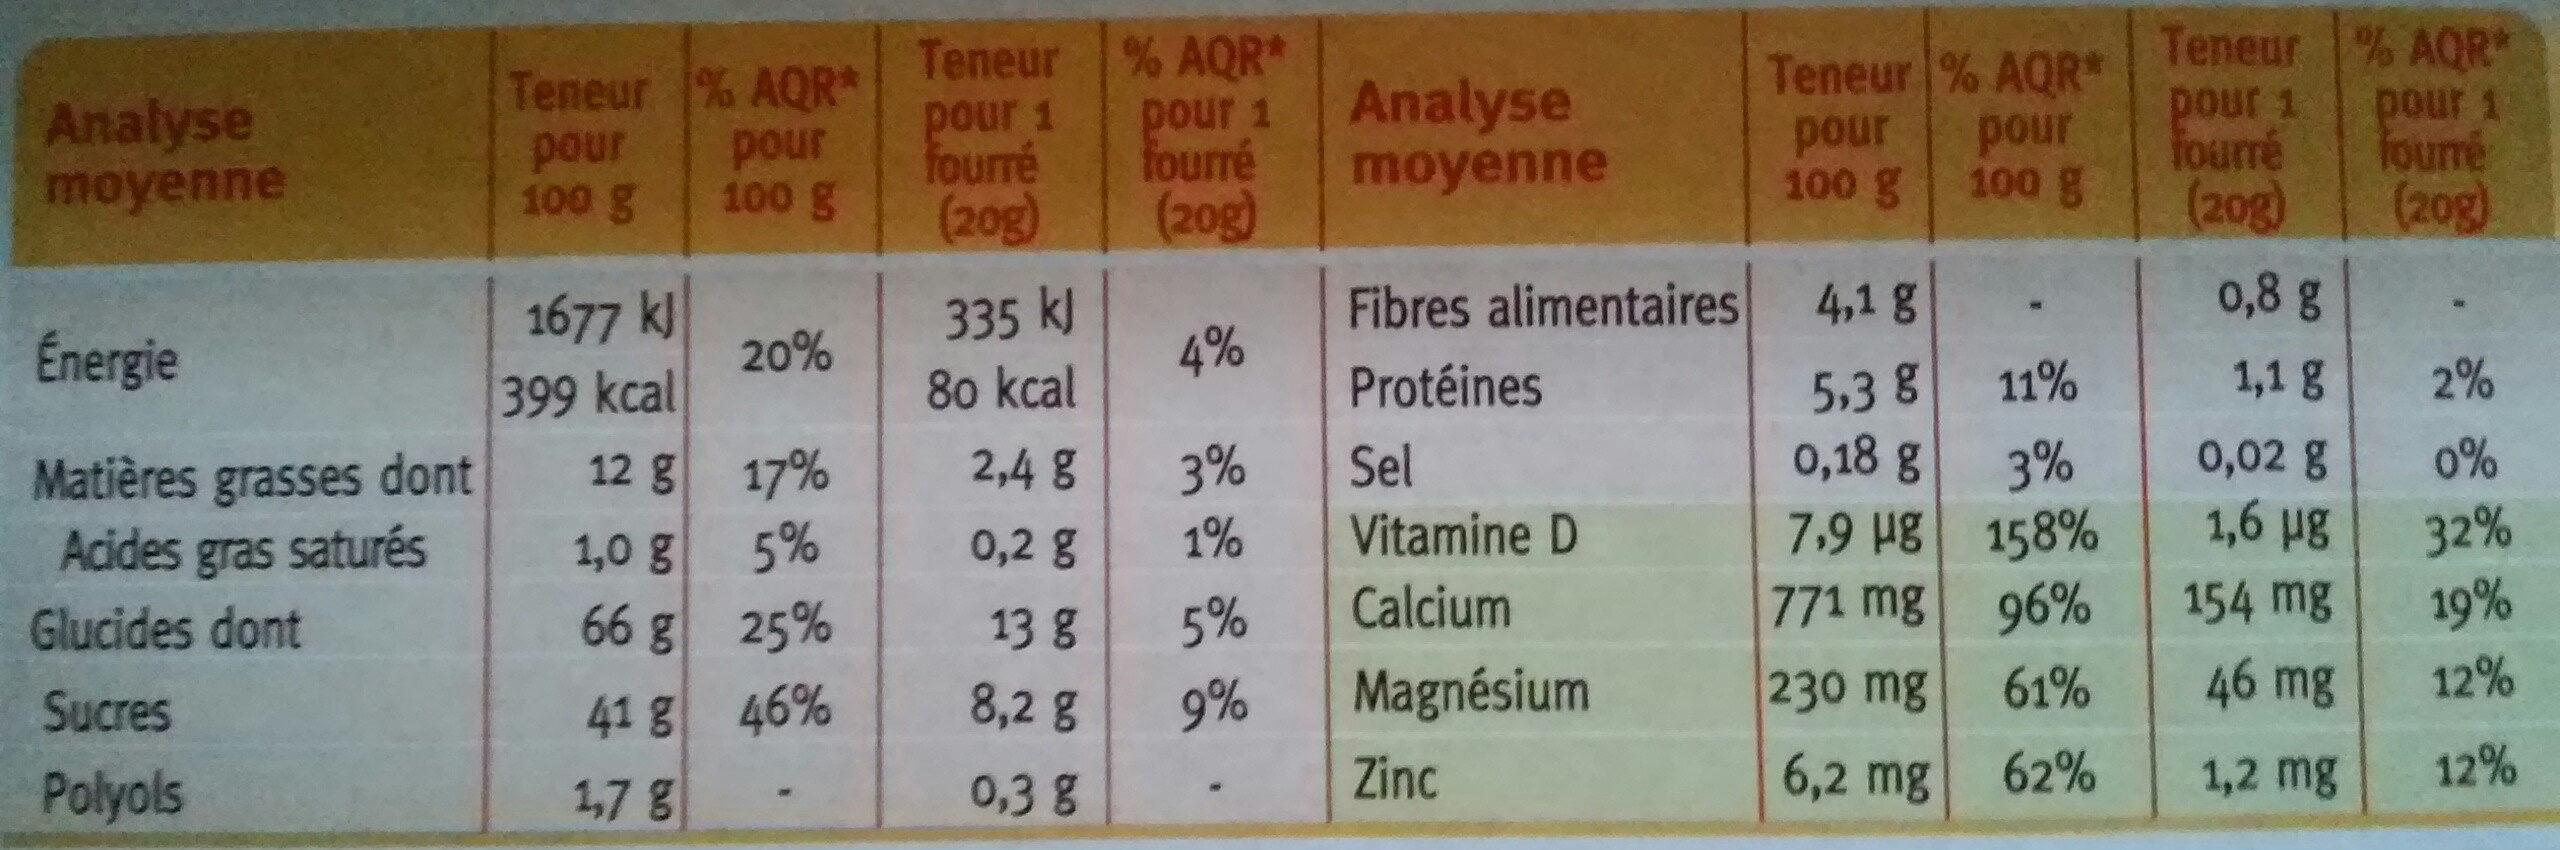 Fourré Pomme-Framboise-Amande - Nutrition facts